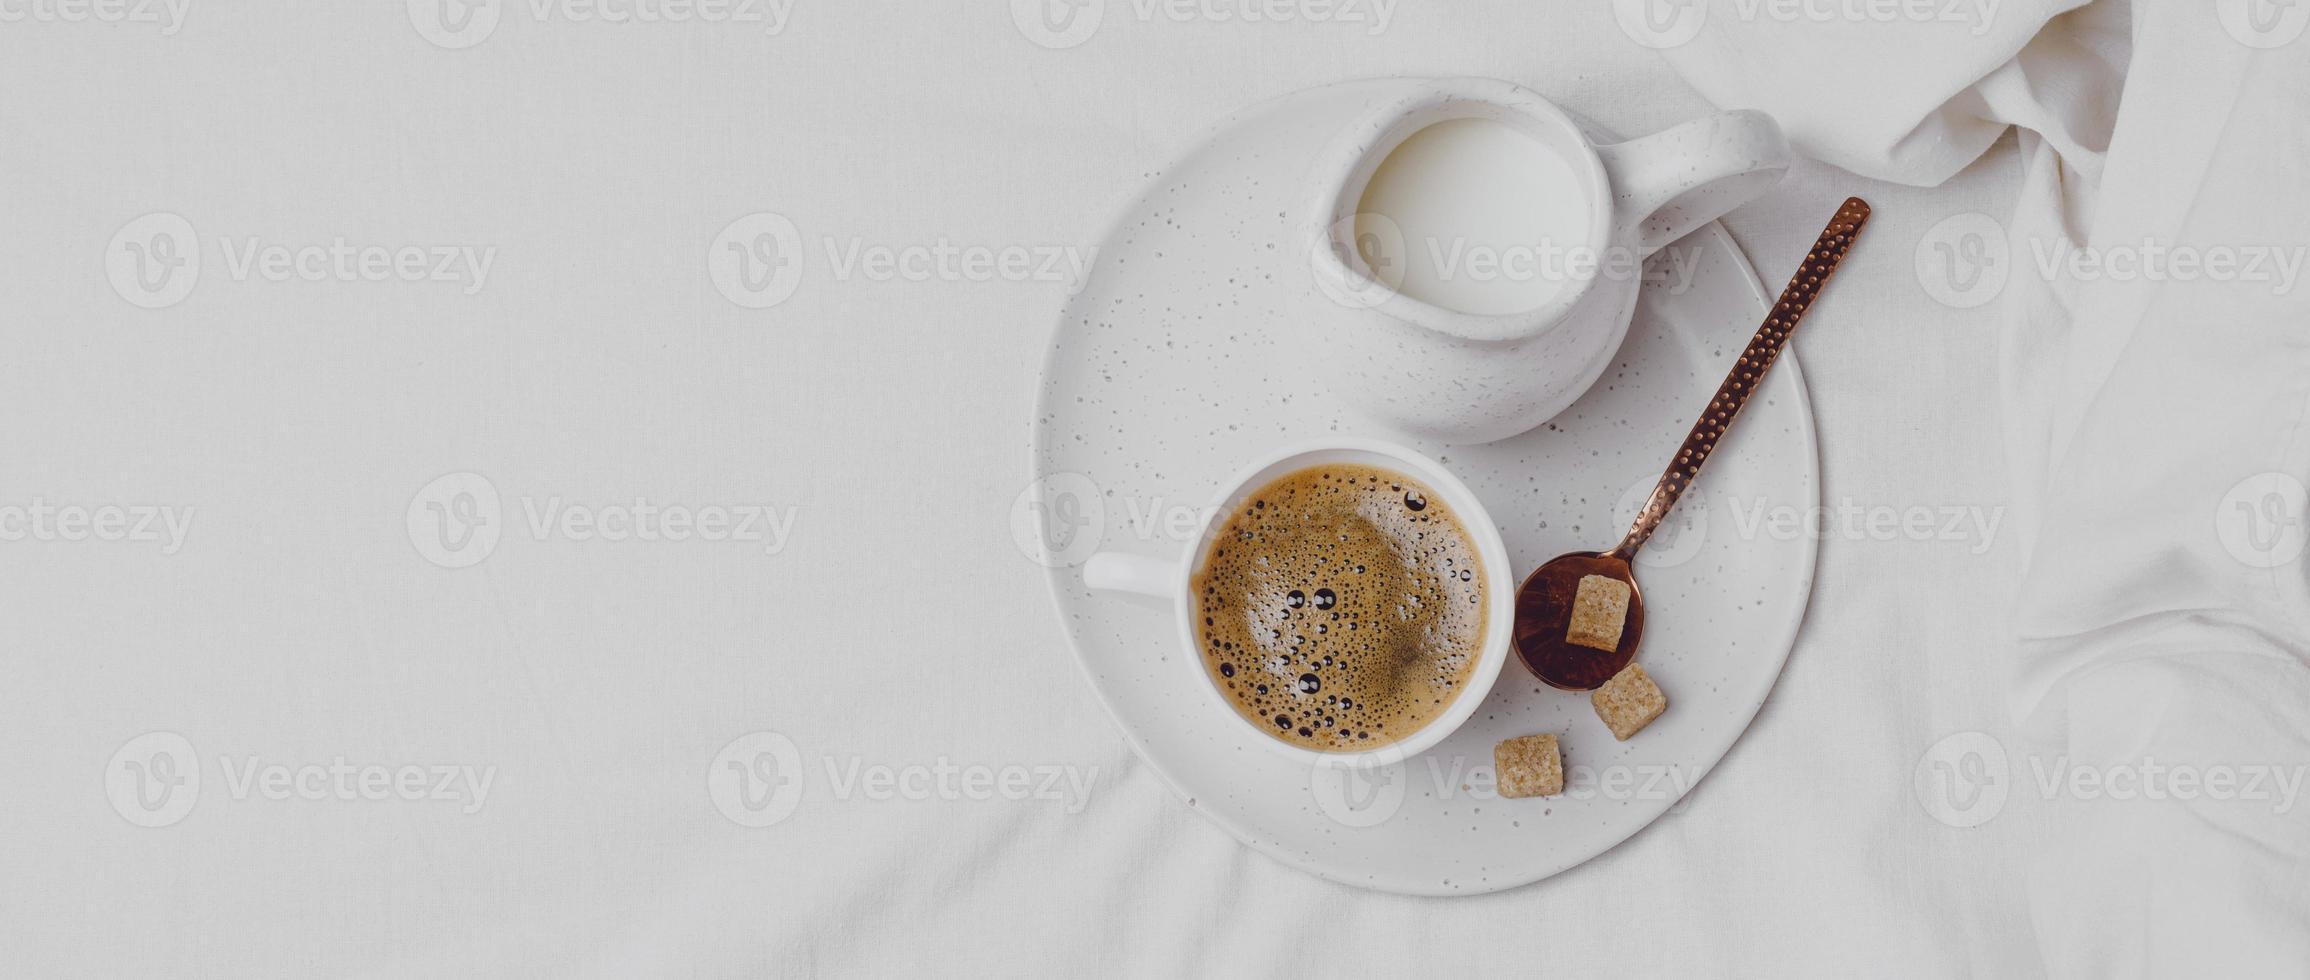 morgonkaffe med sockerbitar foto